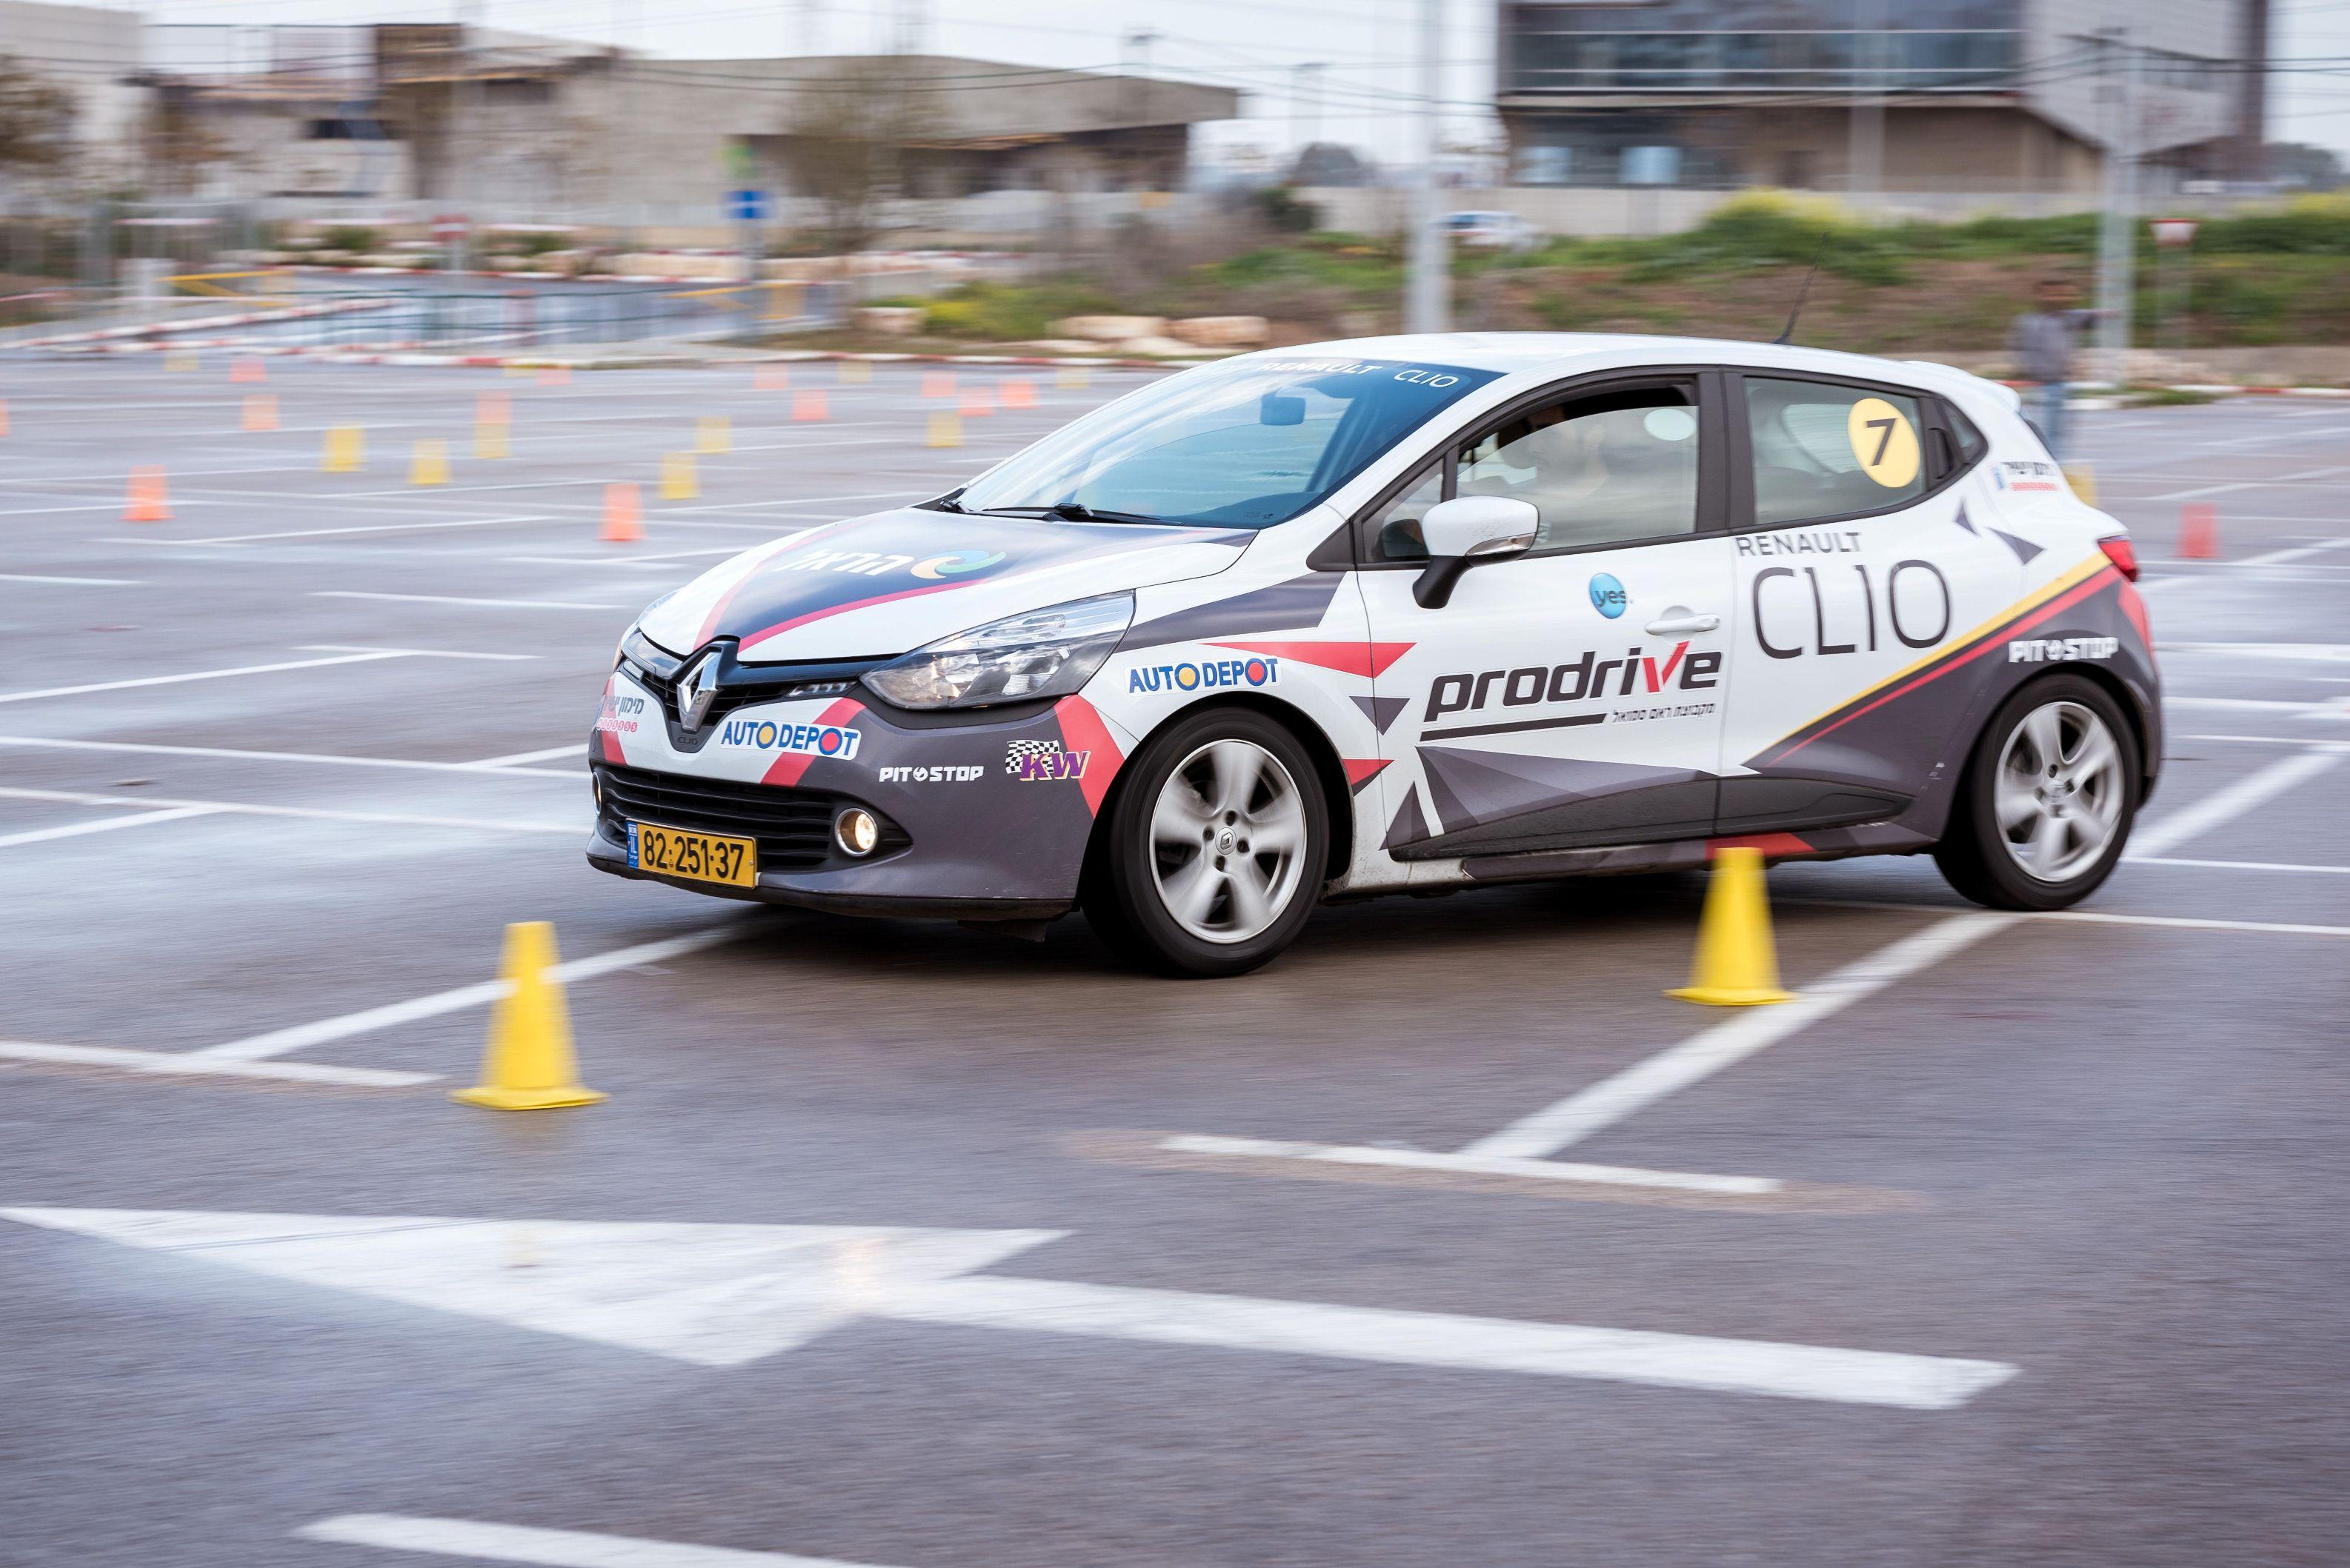 חדש: מסלול נהיגה אתגרית בראשון לציון